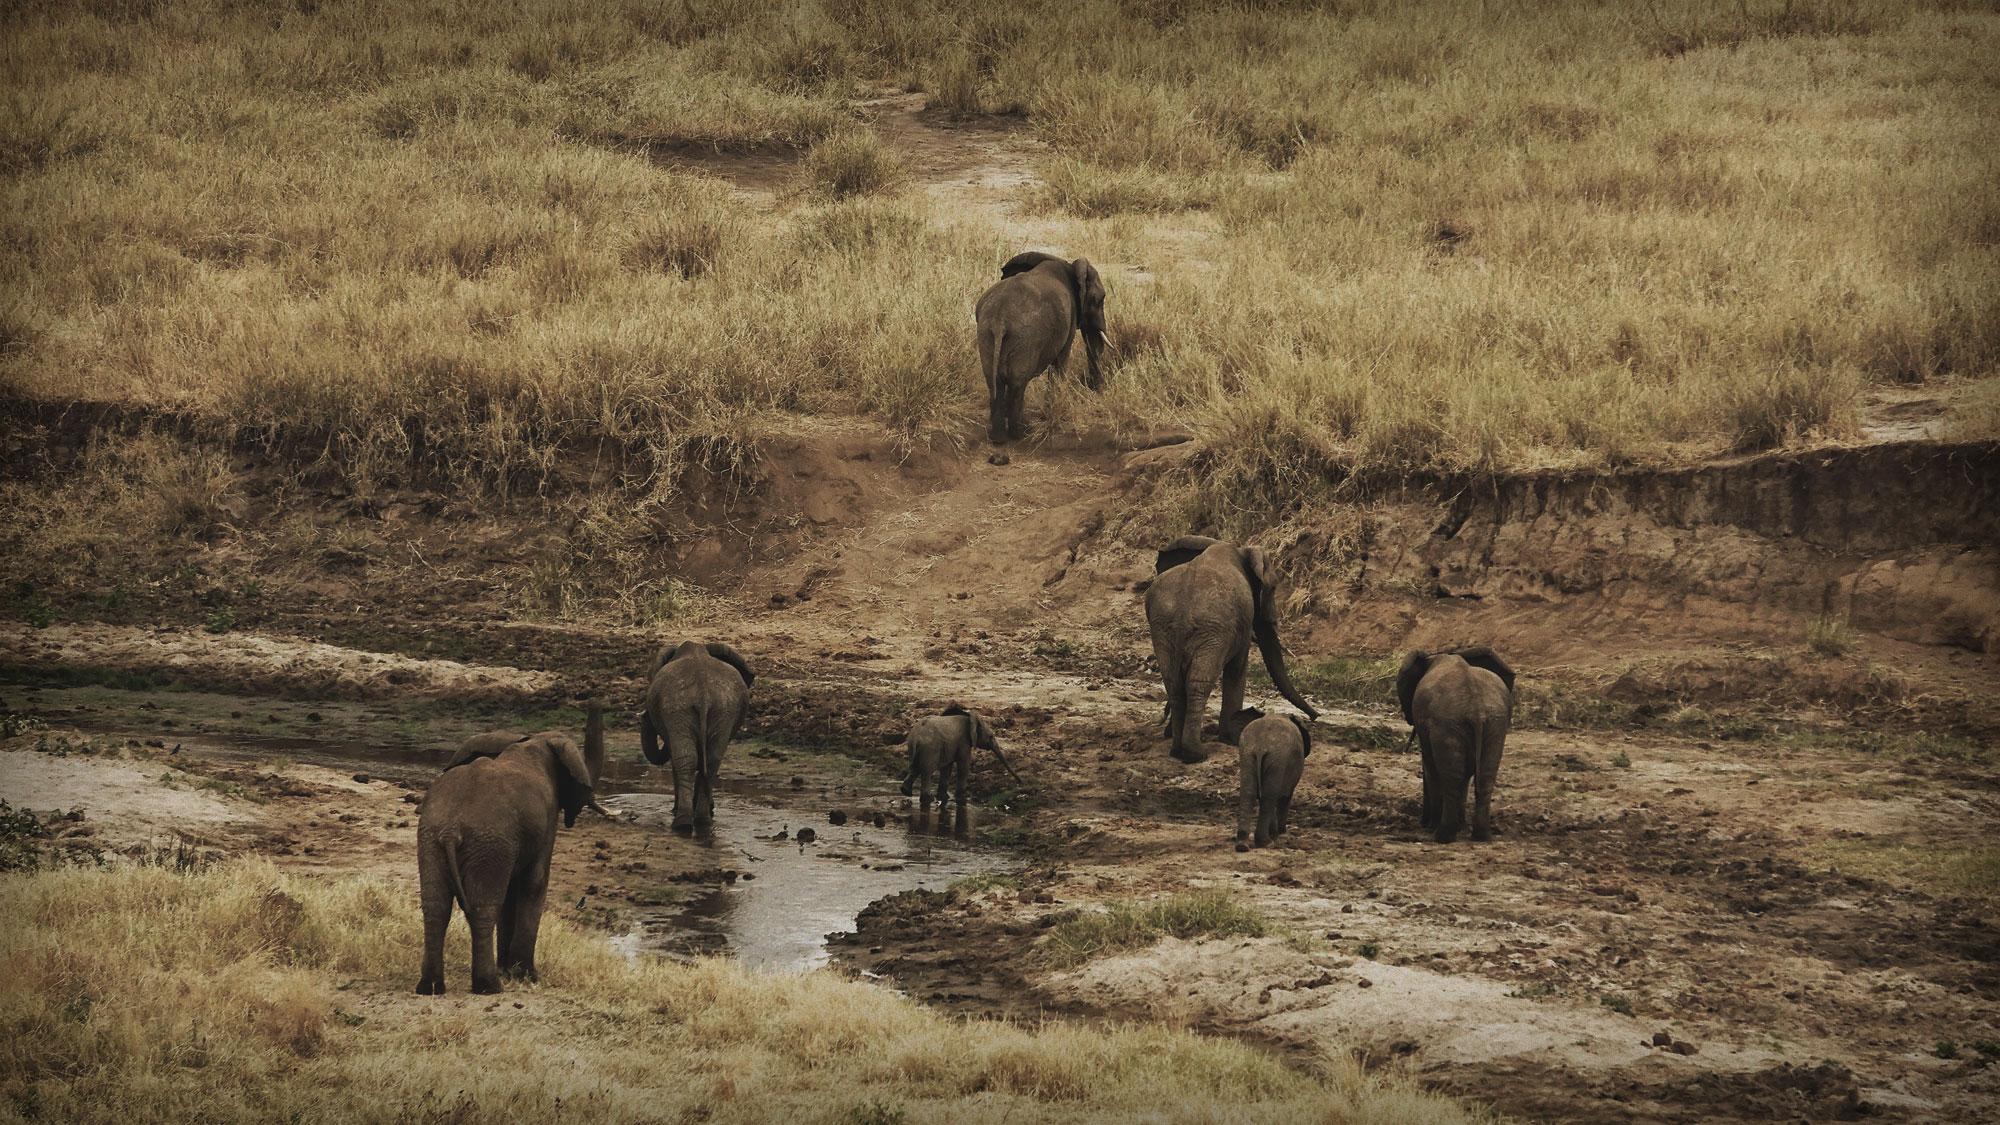 Tarangire National Park, Elephant Central